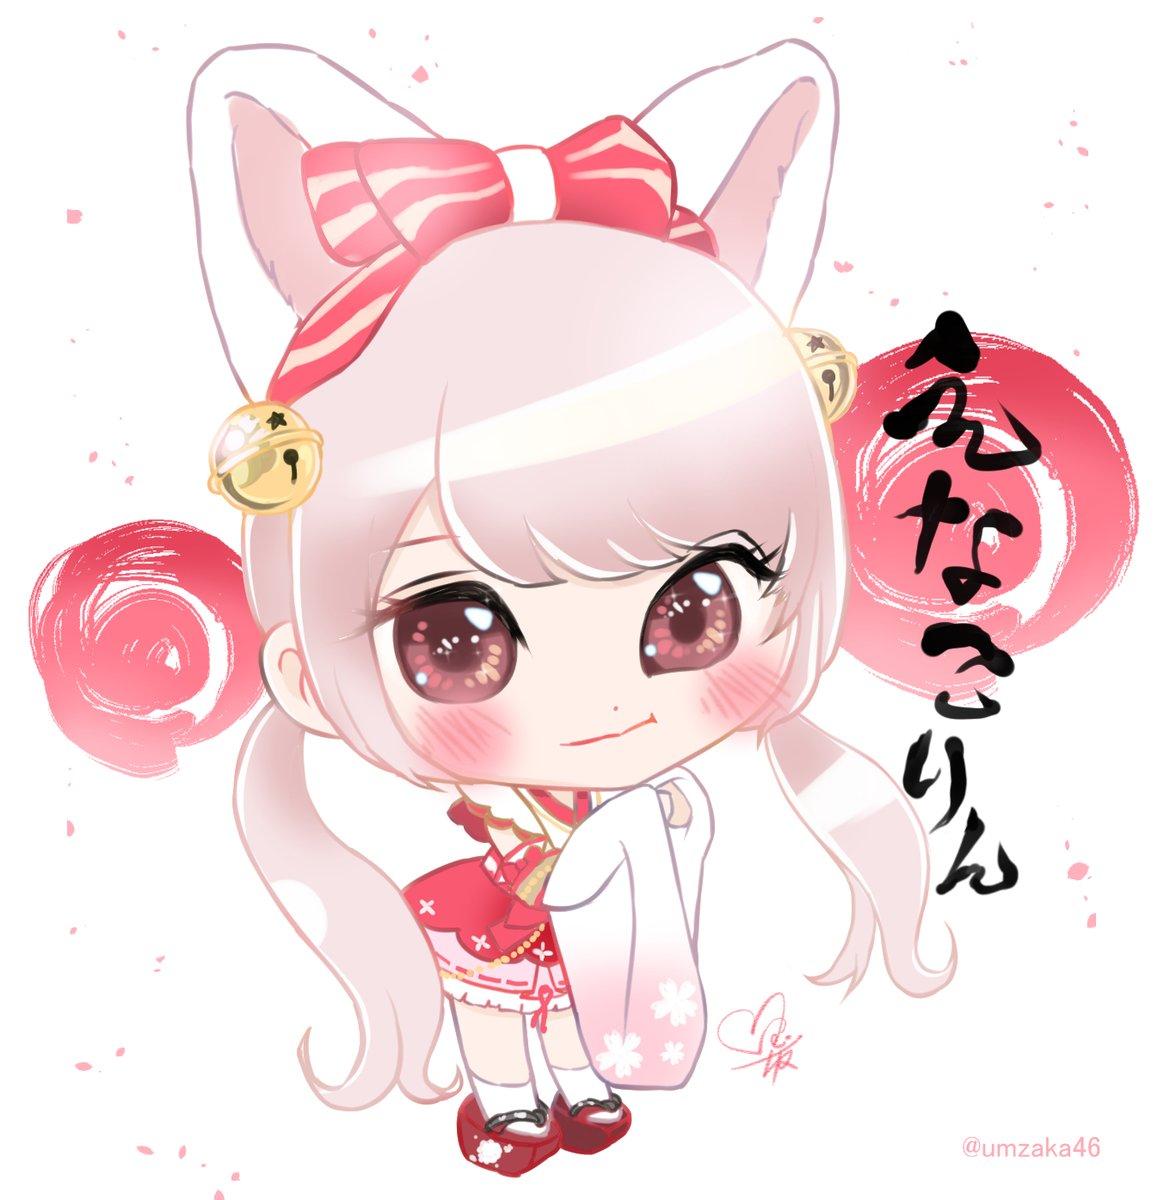 #えなこりんコラボ日本酒「泡萌酒 えなこ」可愛いすぎてちびキャラ描いてみました😆✨🍶#えなこ#えなこあーと